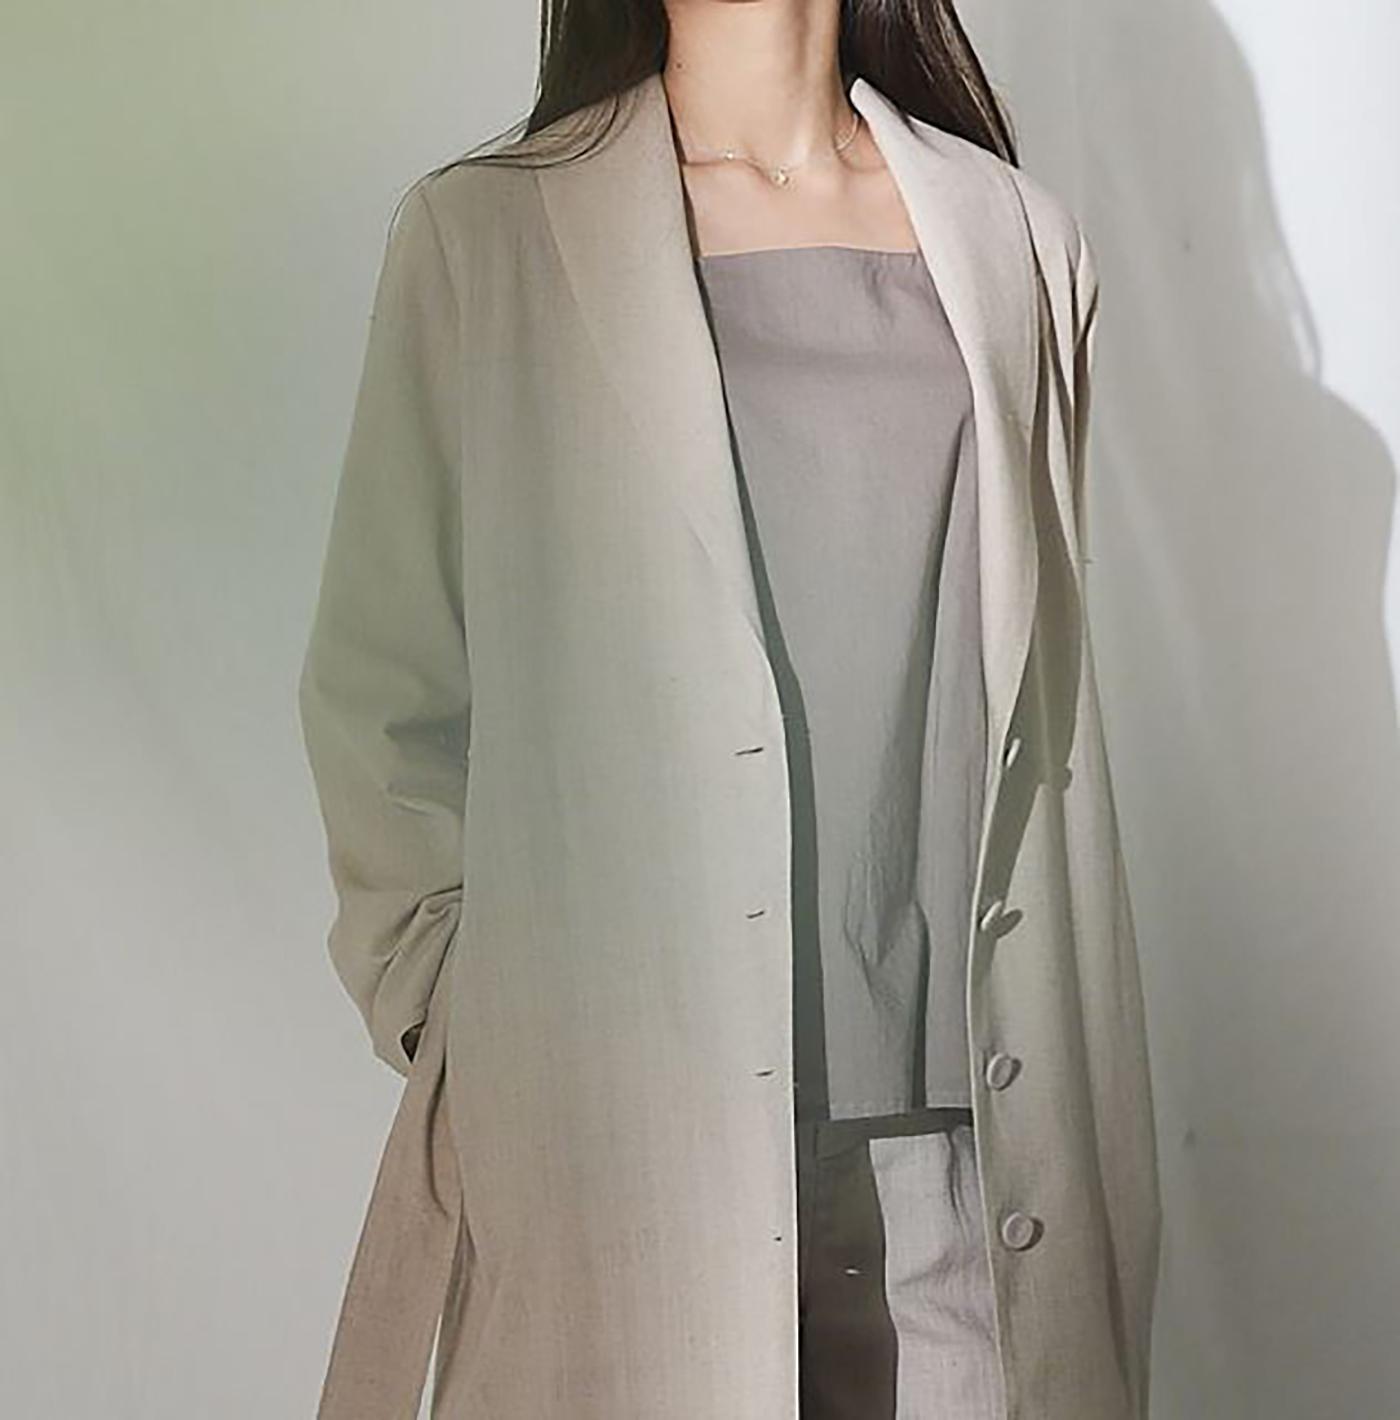 싯소 헴프 롱 재킷/심플함이 더욱 멋스러운 싯소 헴프 롱 재킷 상세이미지5